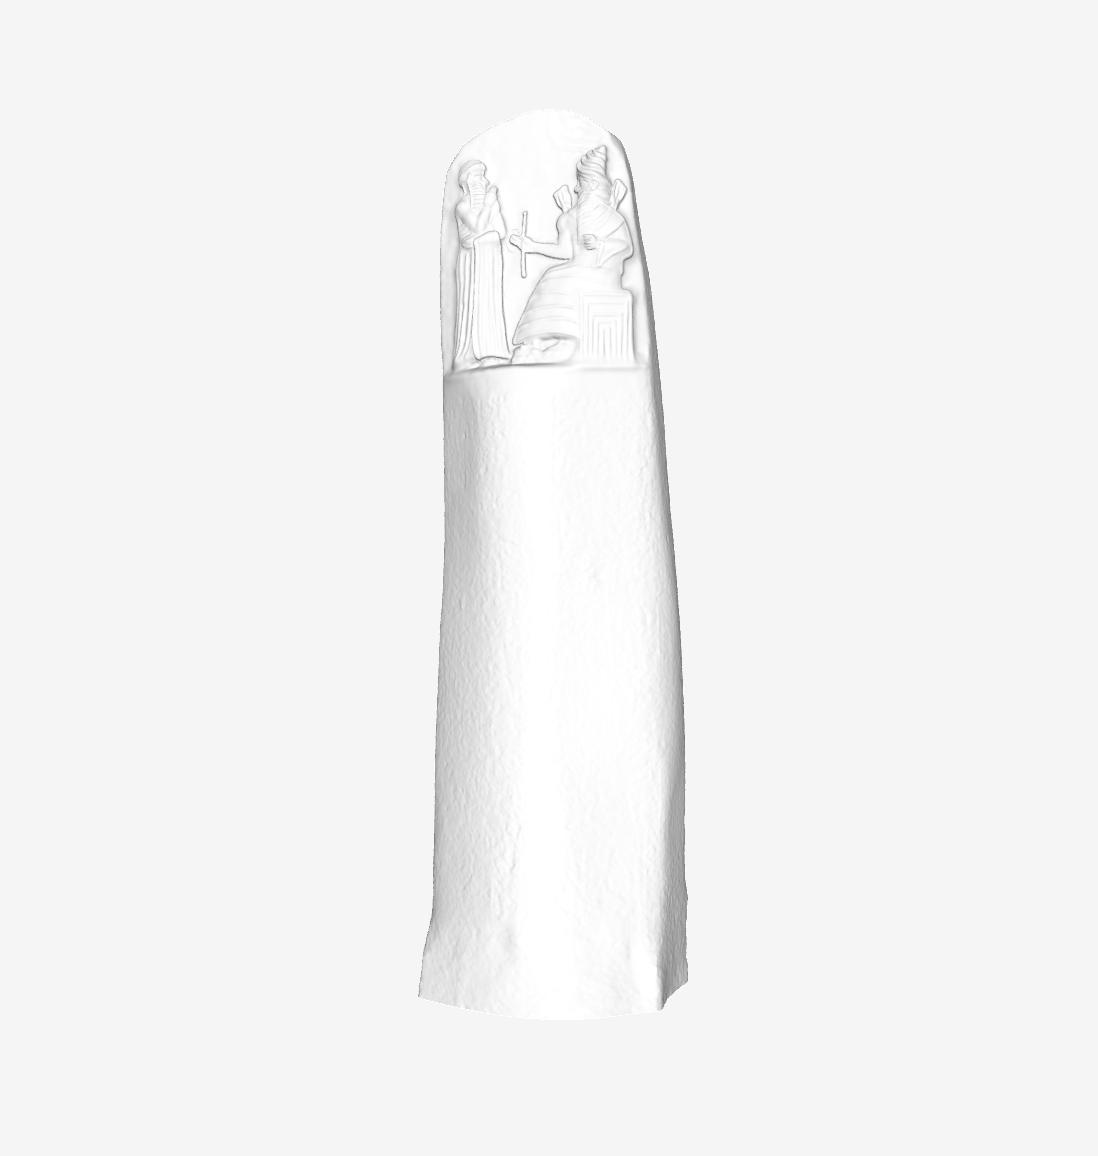 Capture d'écran 2018-09-21 à 15.00.18.png Download free STL file The Hammurabi Code at The Louvre, Paris • 3D printing template, Louvre